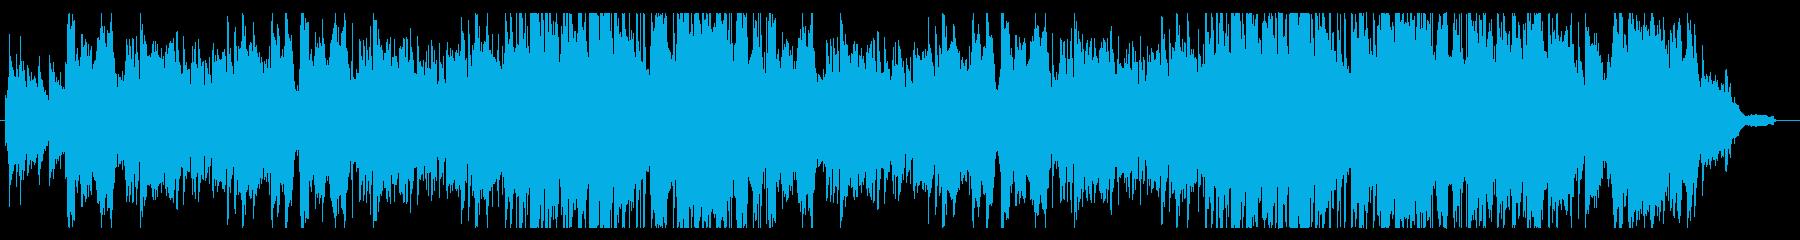 学校の校歌のような合唱の再生済みの波形